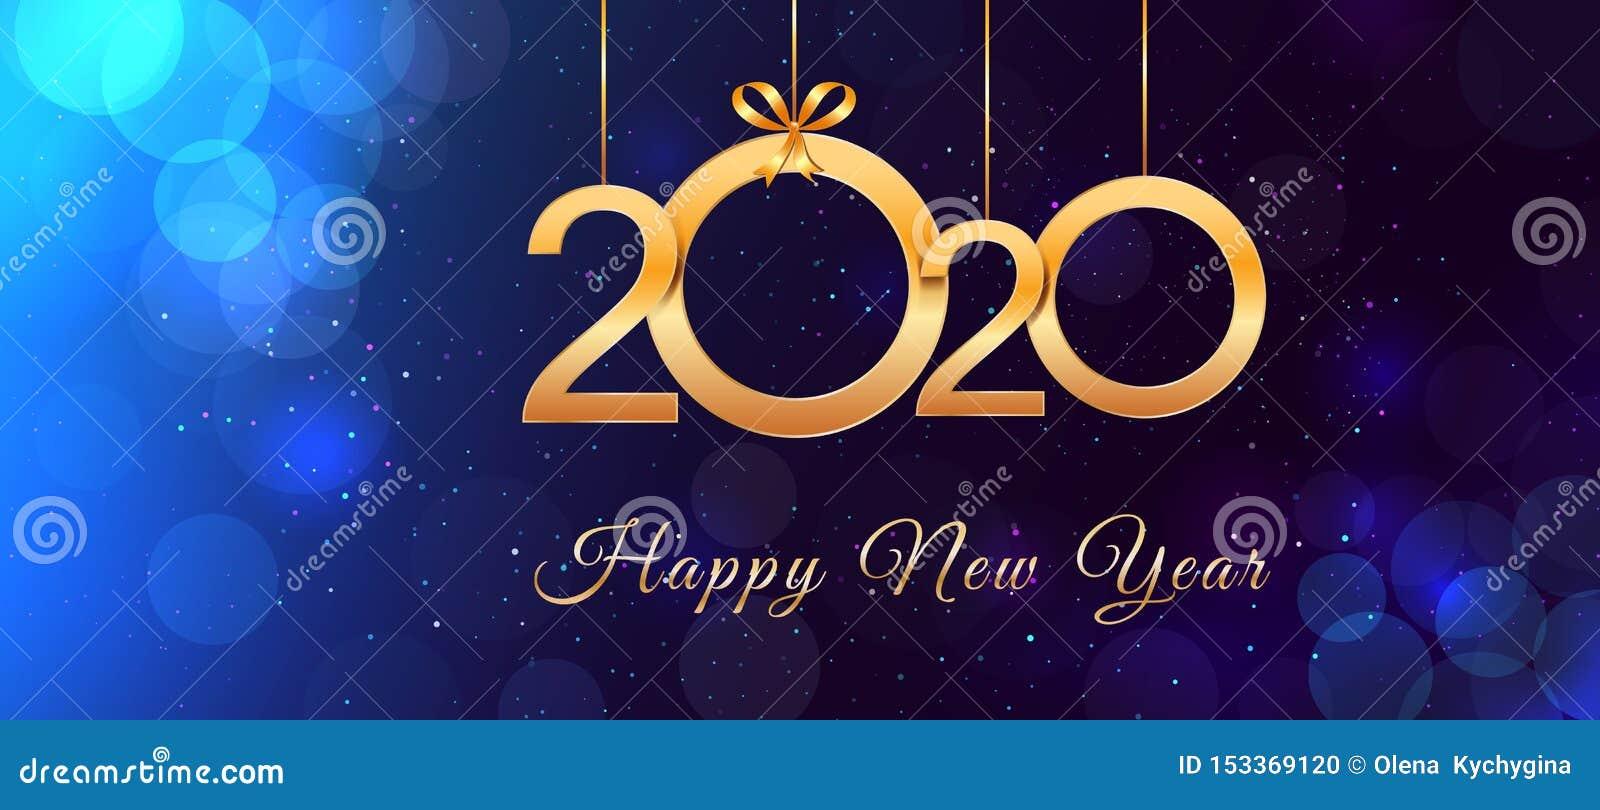 Diseno Del Texto Del Vintage De La Feliz Ano Nuevo 2020 Con Numeros Y Arcos De Oro Brillantes De La Cinta En Fondo Azul Con Efect Ilustracion Del Vector Ilustracion De Felicitaciones para año nuevo, pensamientos para año nuevo, saludos por año nuevo frases, dorene9454. vintage de la feliz ano nuevo 2020